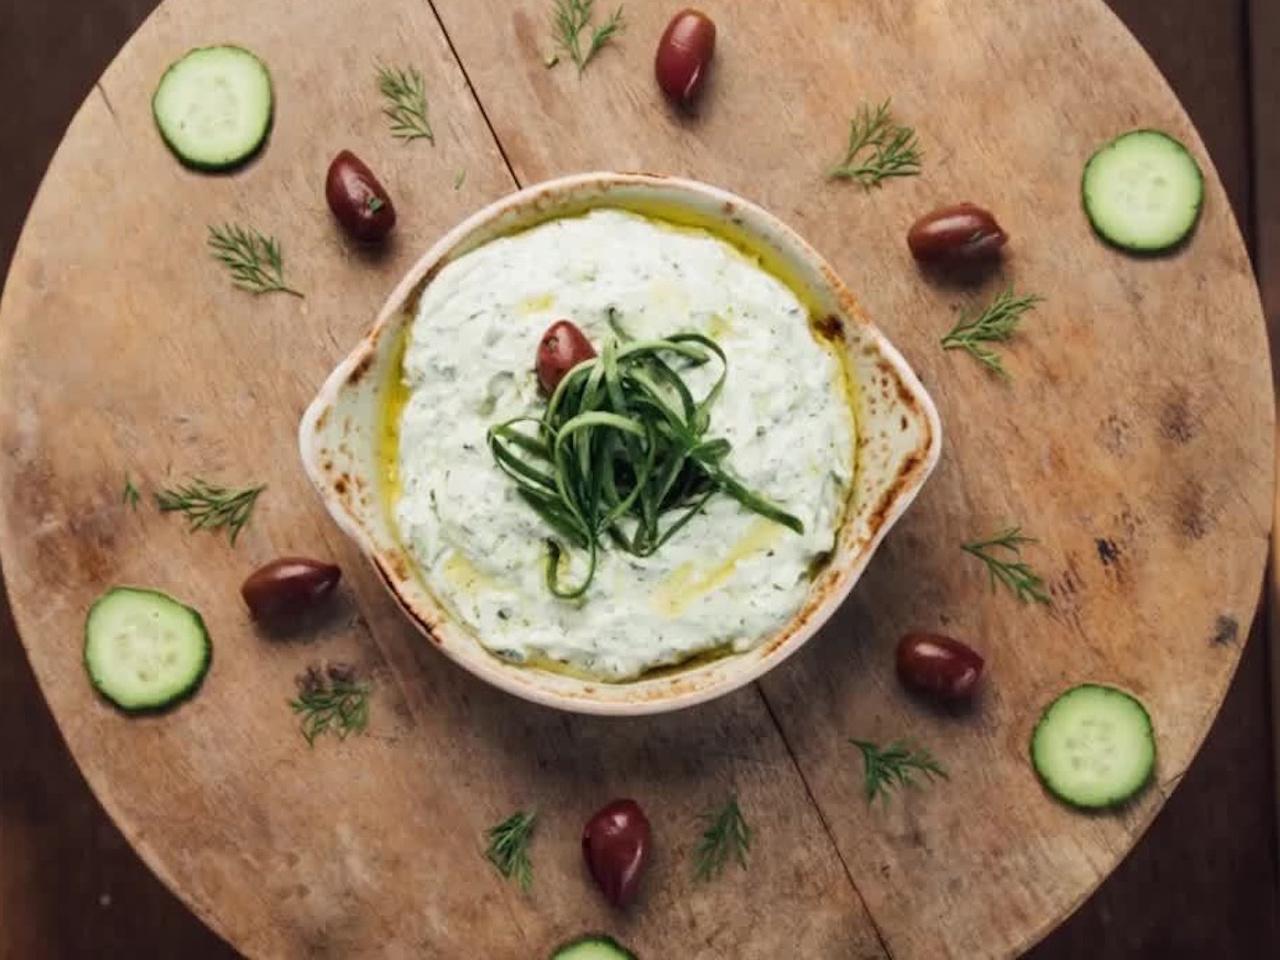 Greek food in Dubai: Tzatziki at Eat Greek Kouzina